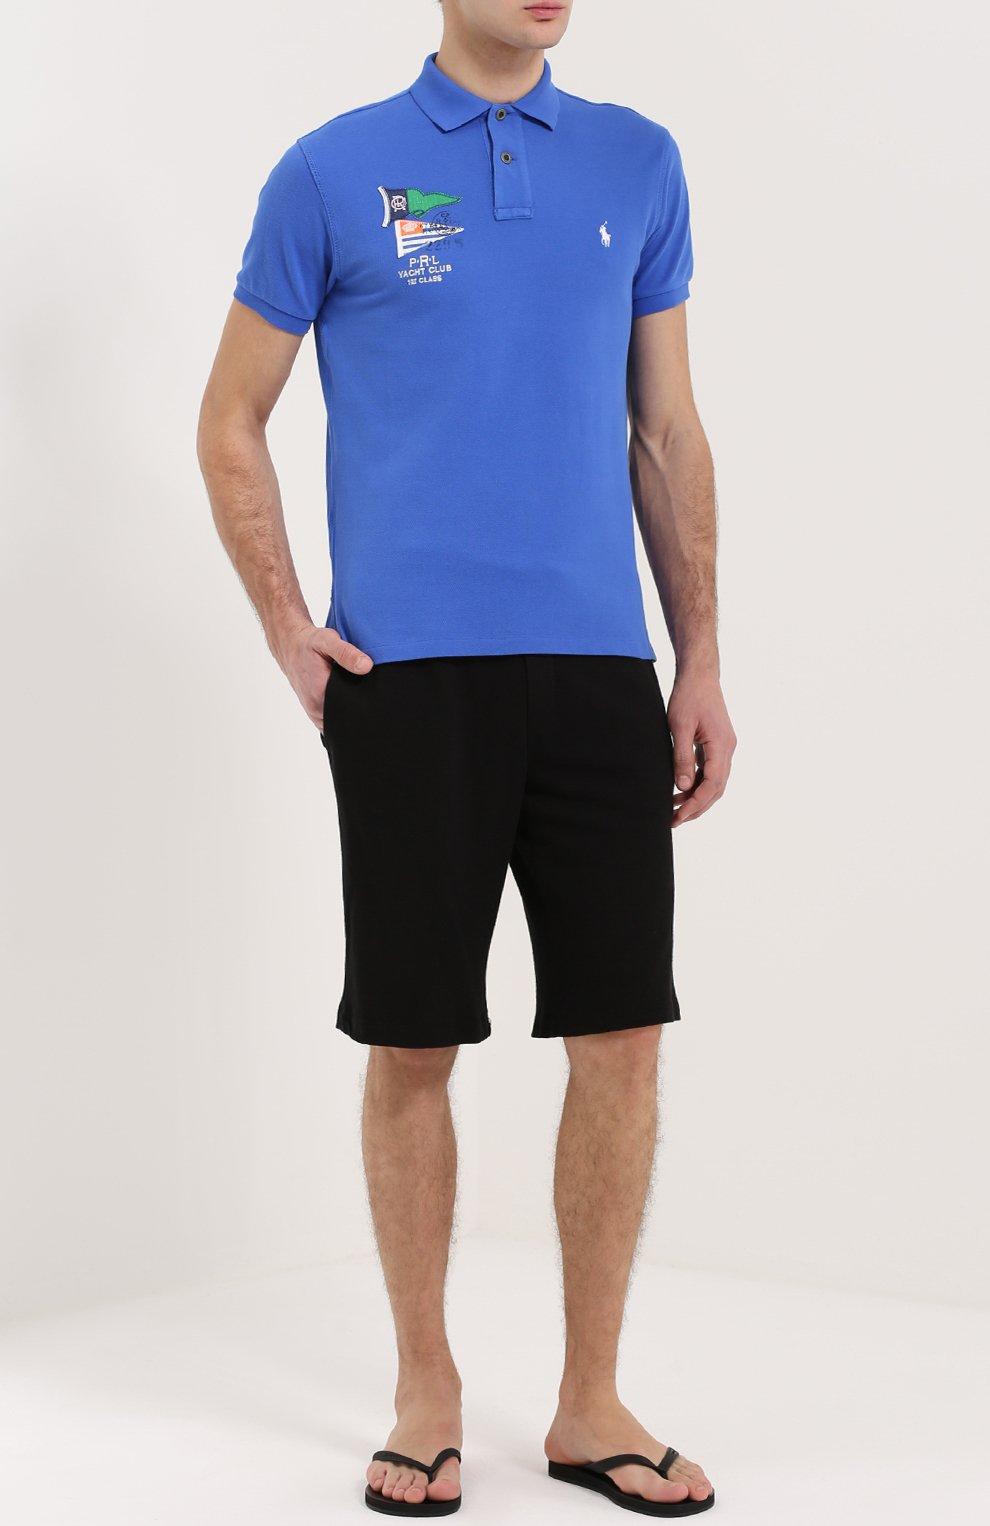 Дешевая мужская одежда интернет магазин